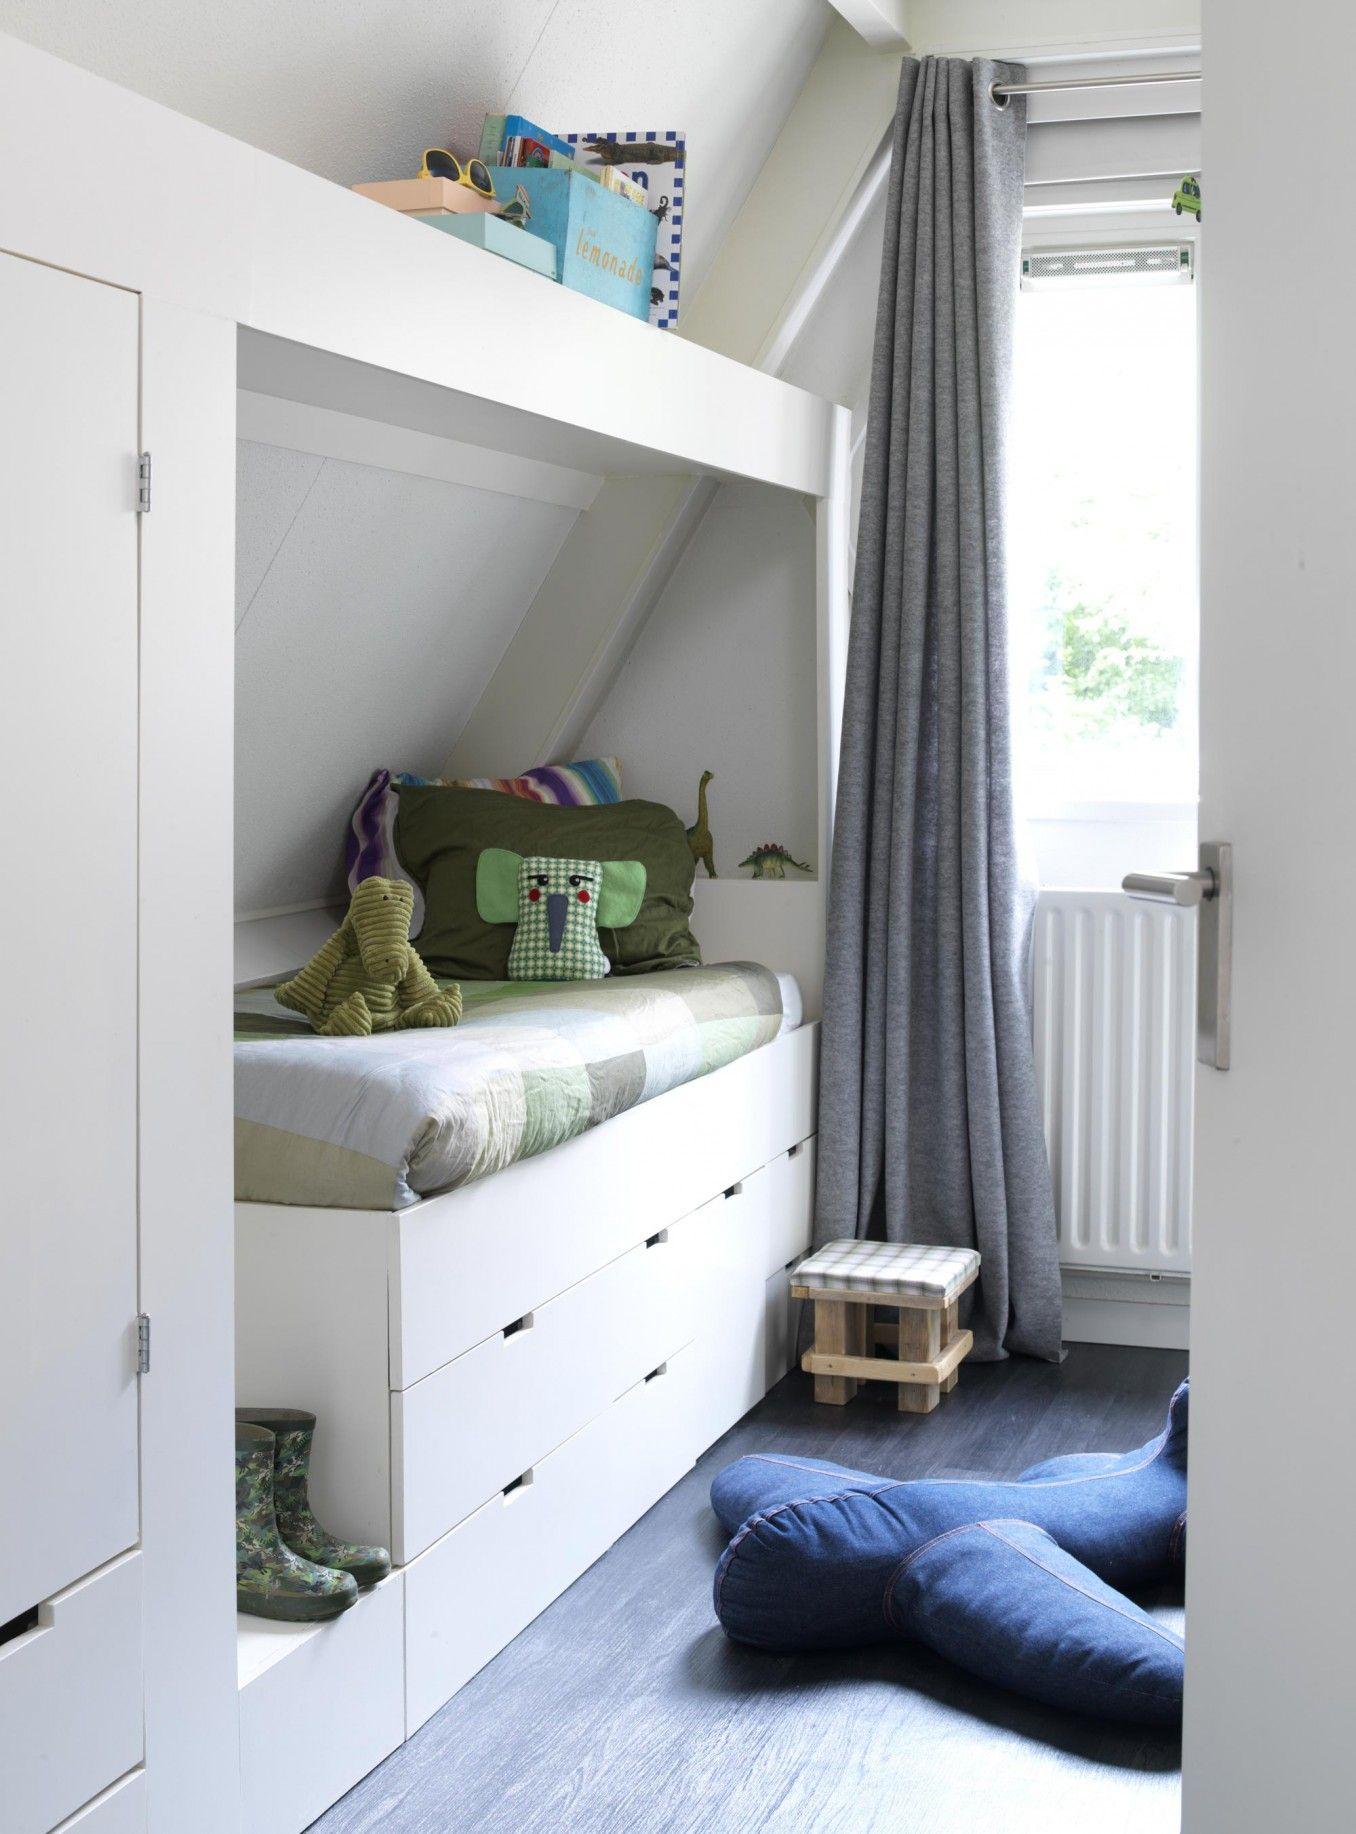 1000+ images about Kinderkamer on Pinterest